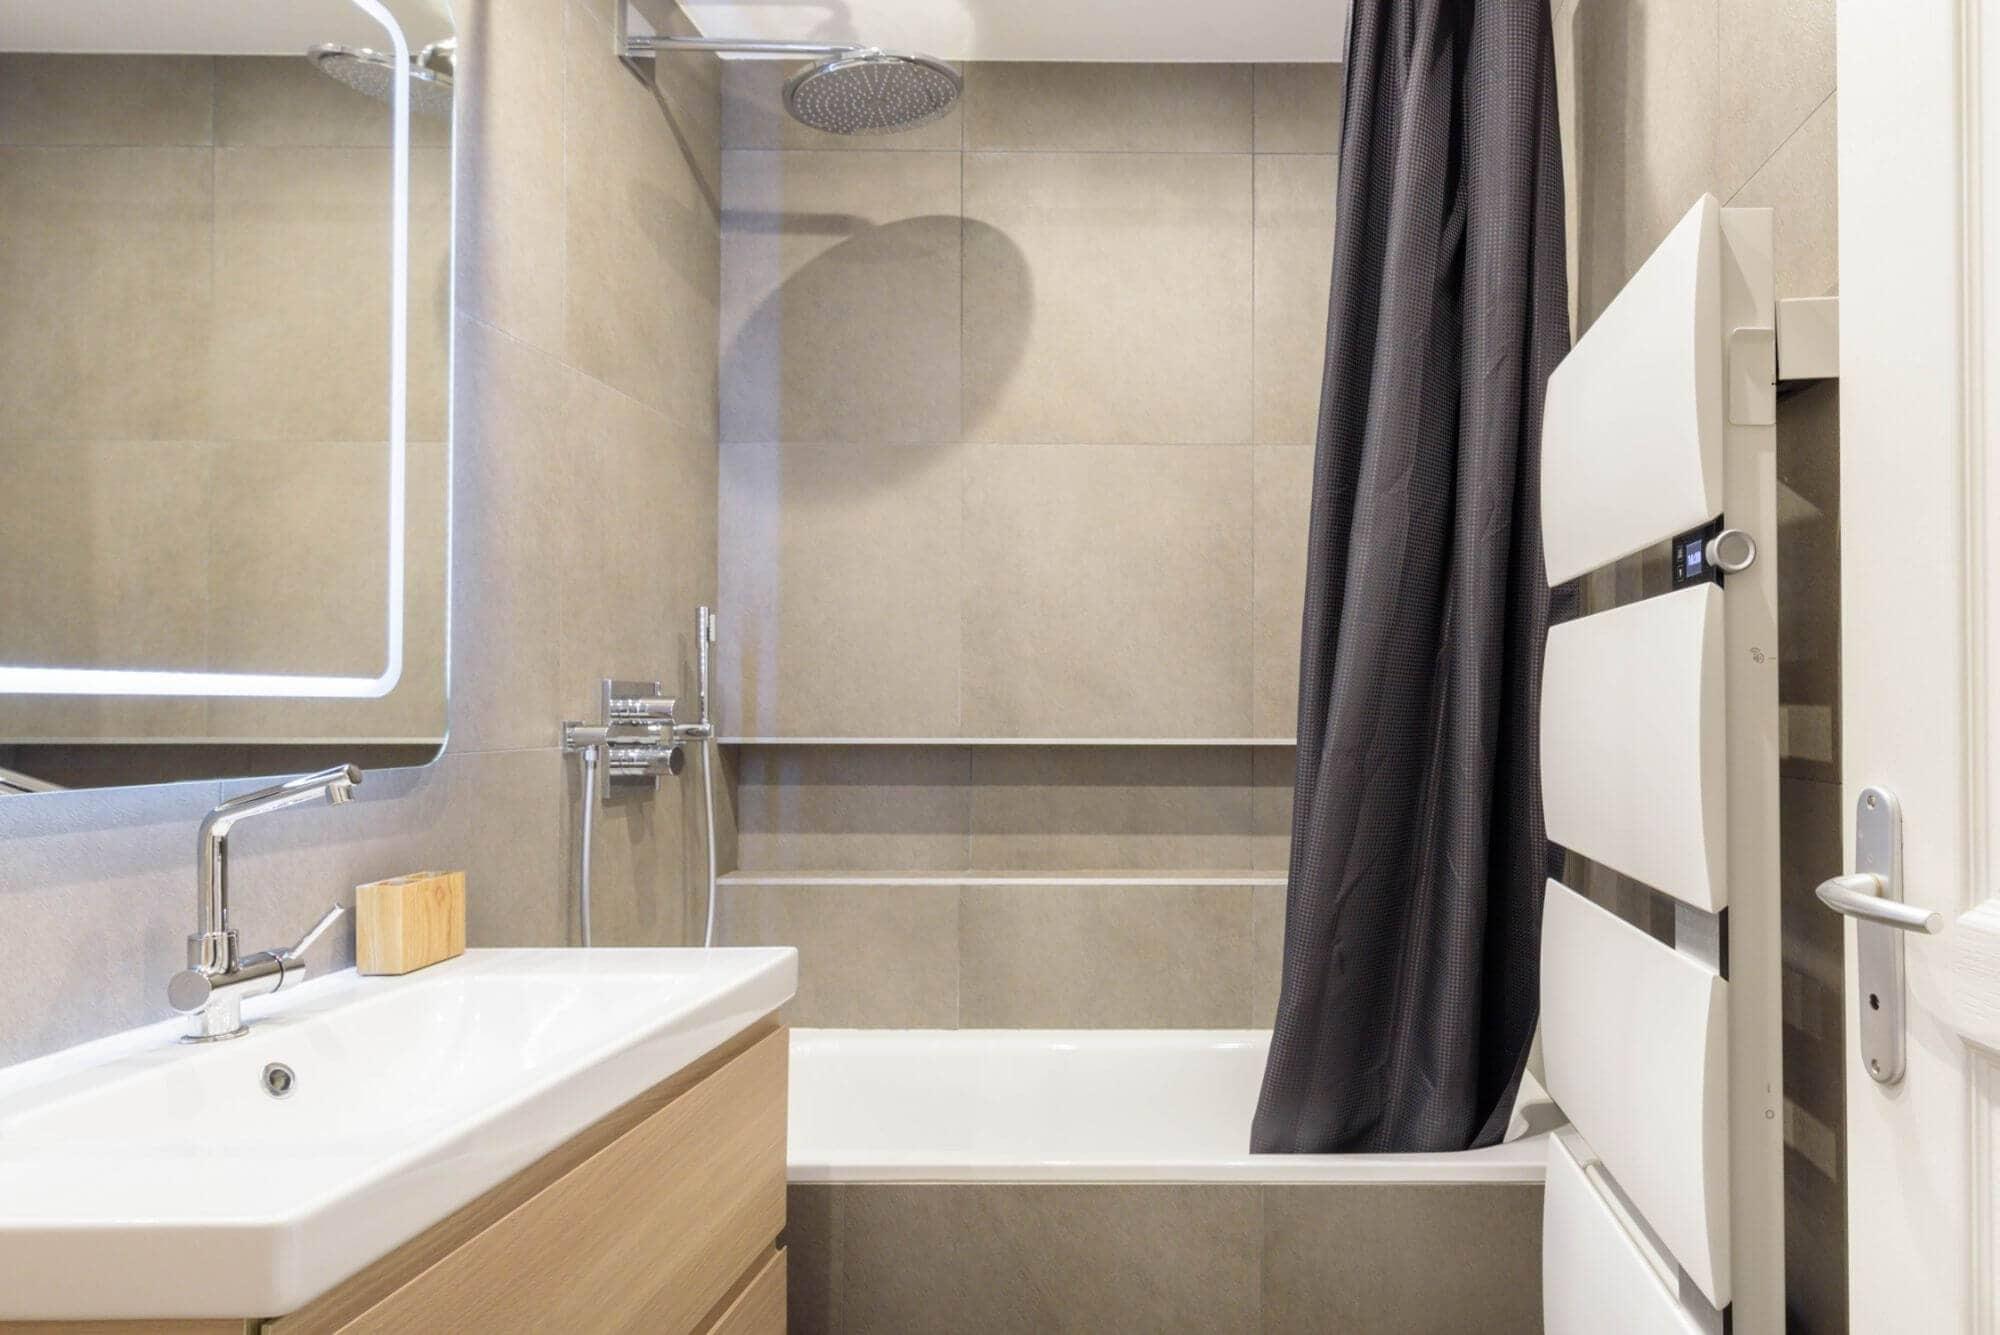 Salle de bain, Réalisation de rénovation, Rénovation toulouse